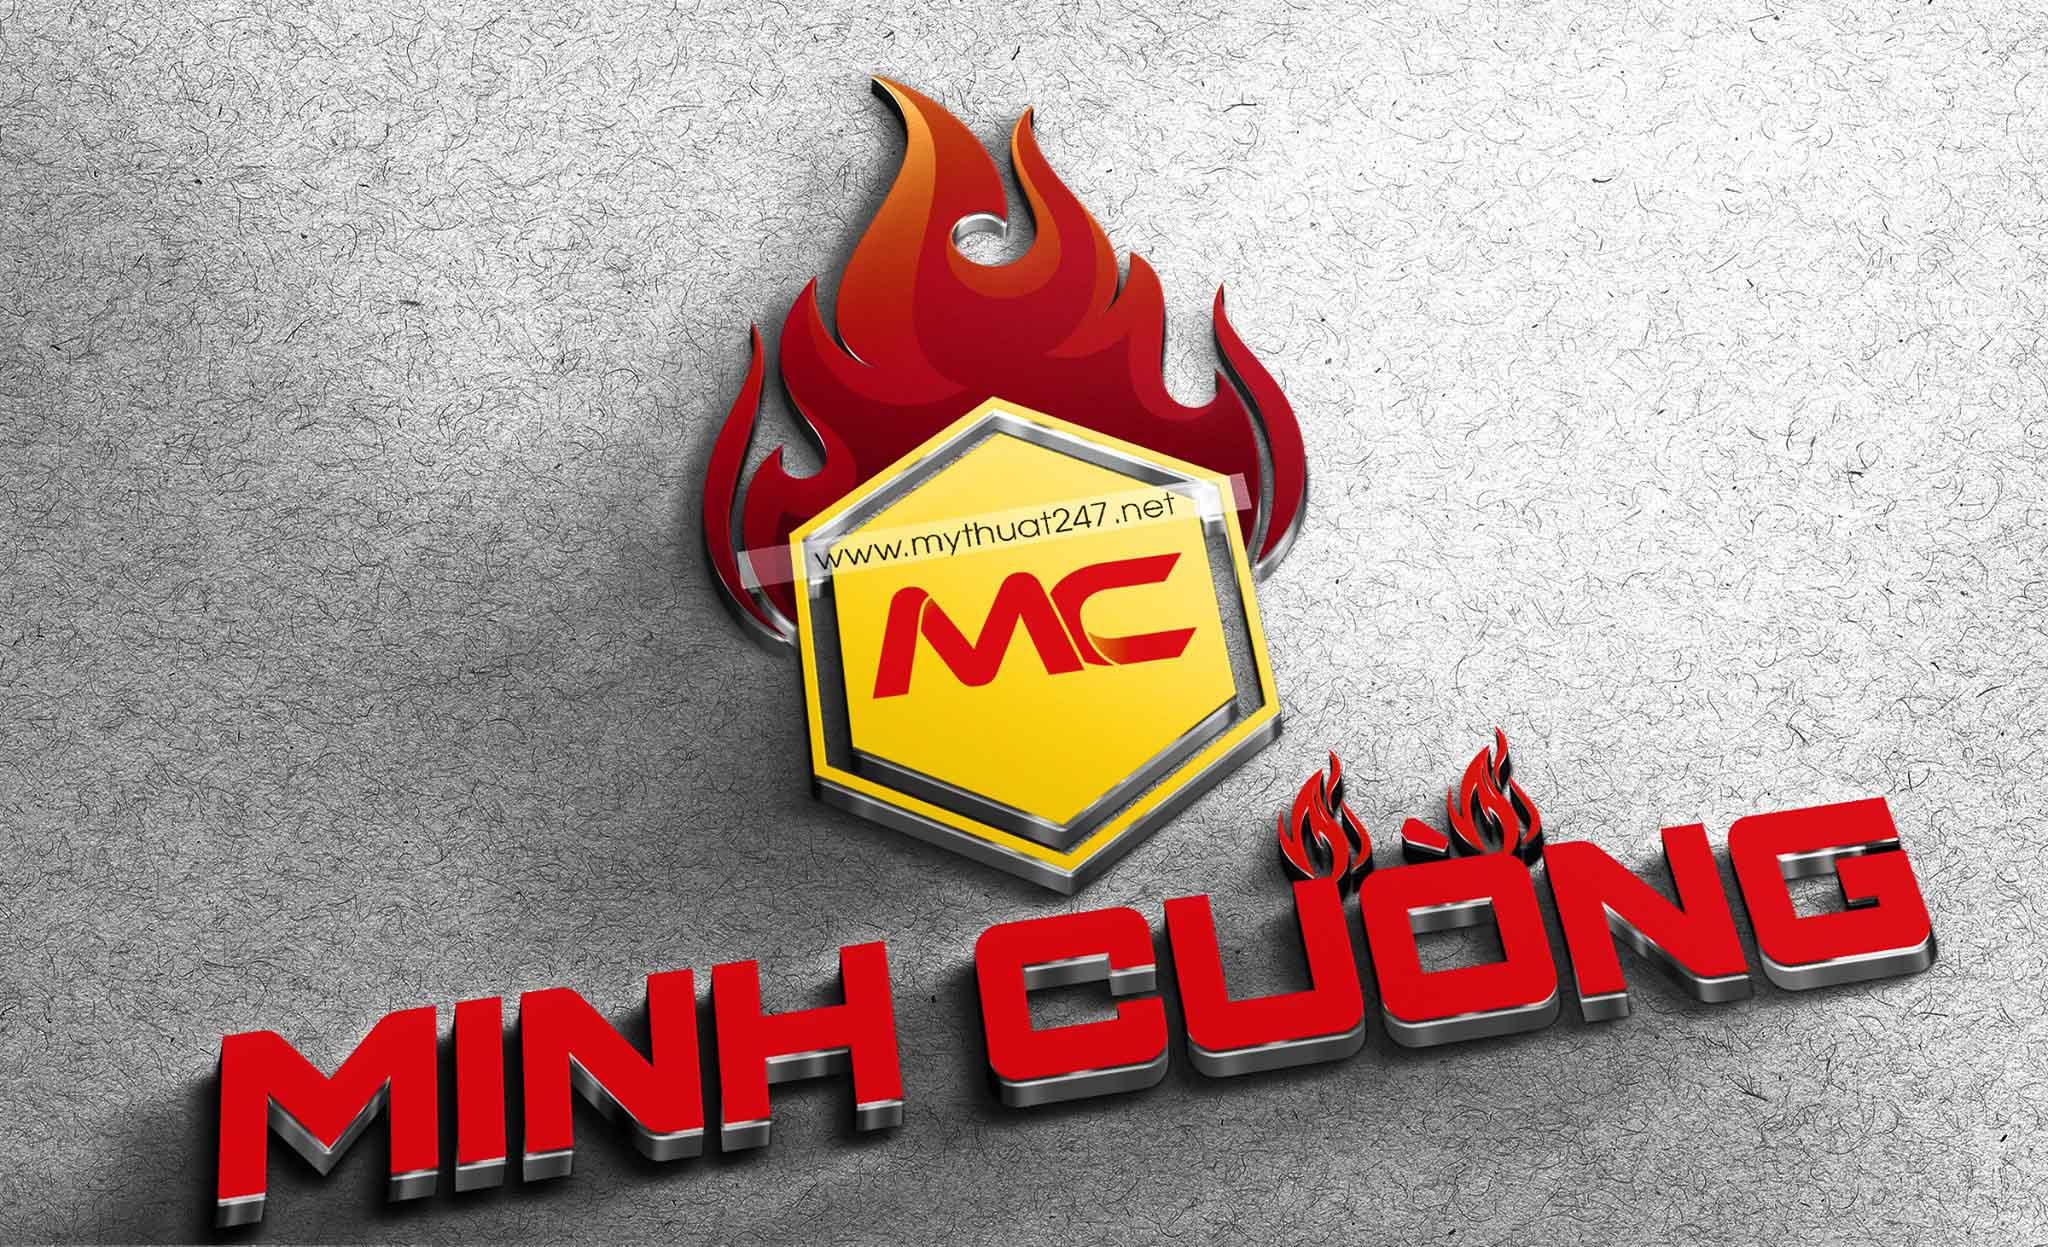 Thiết kế logo công ty tnhh thiết bị pccc minh cường